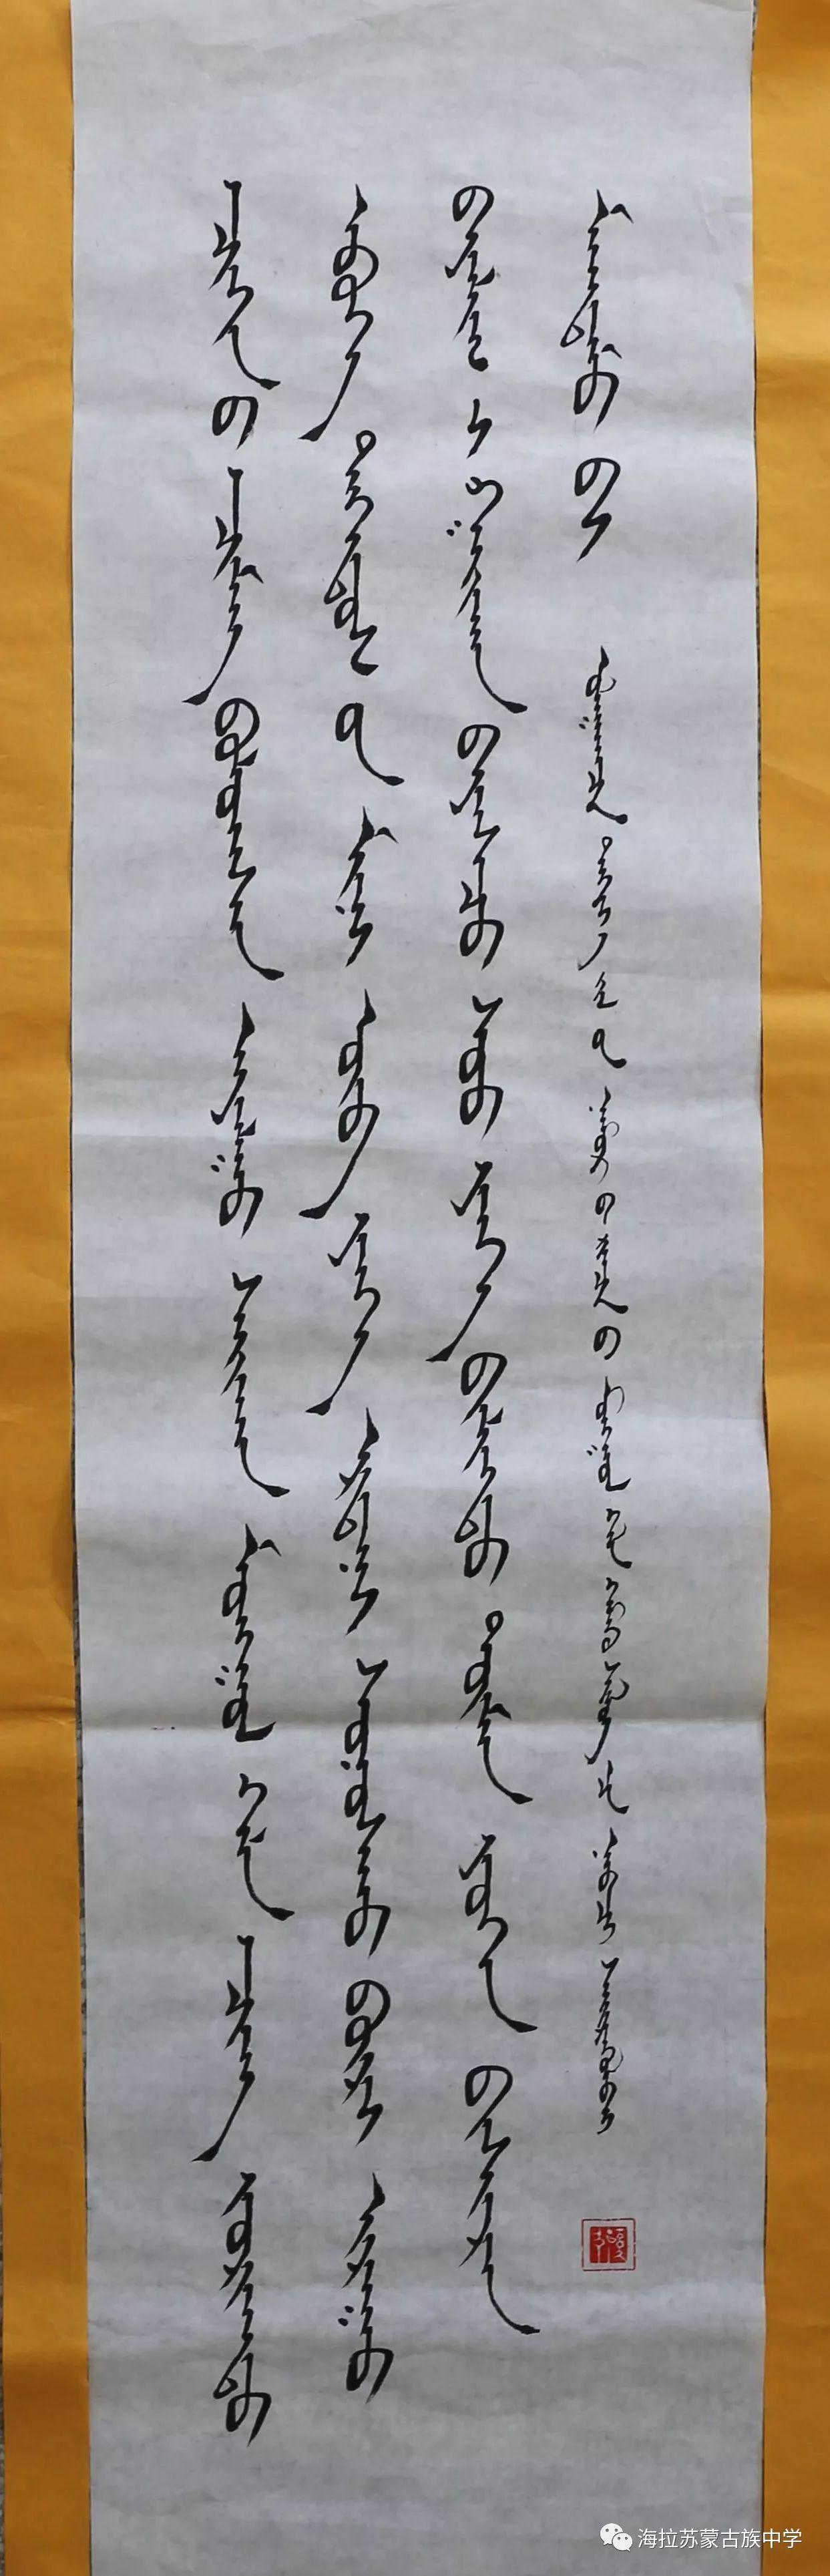 【奥奇】蒙古文书法网络展 第18张